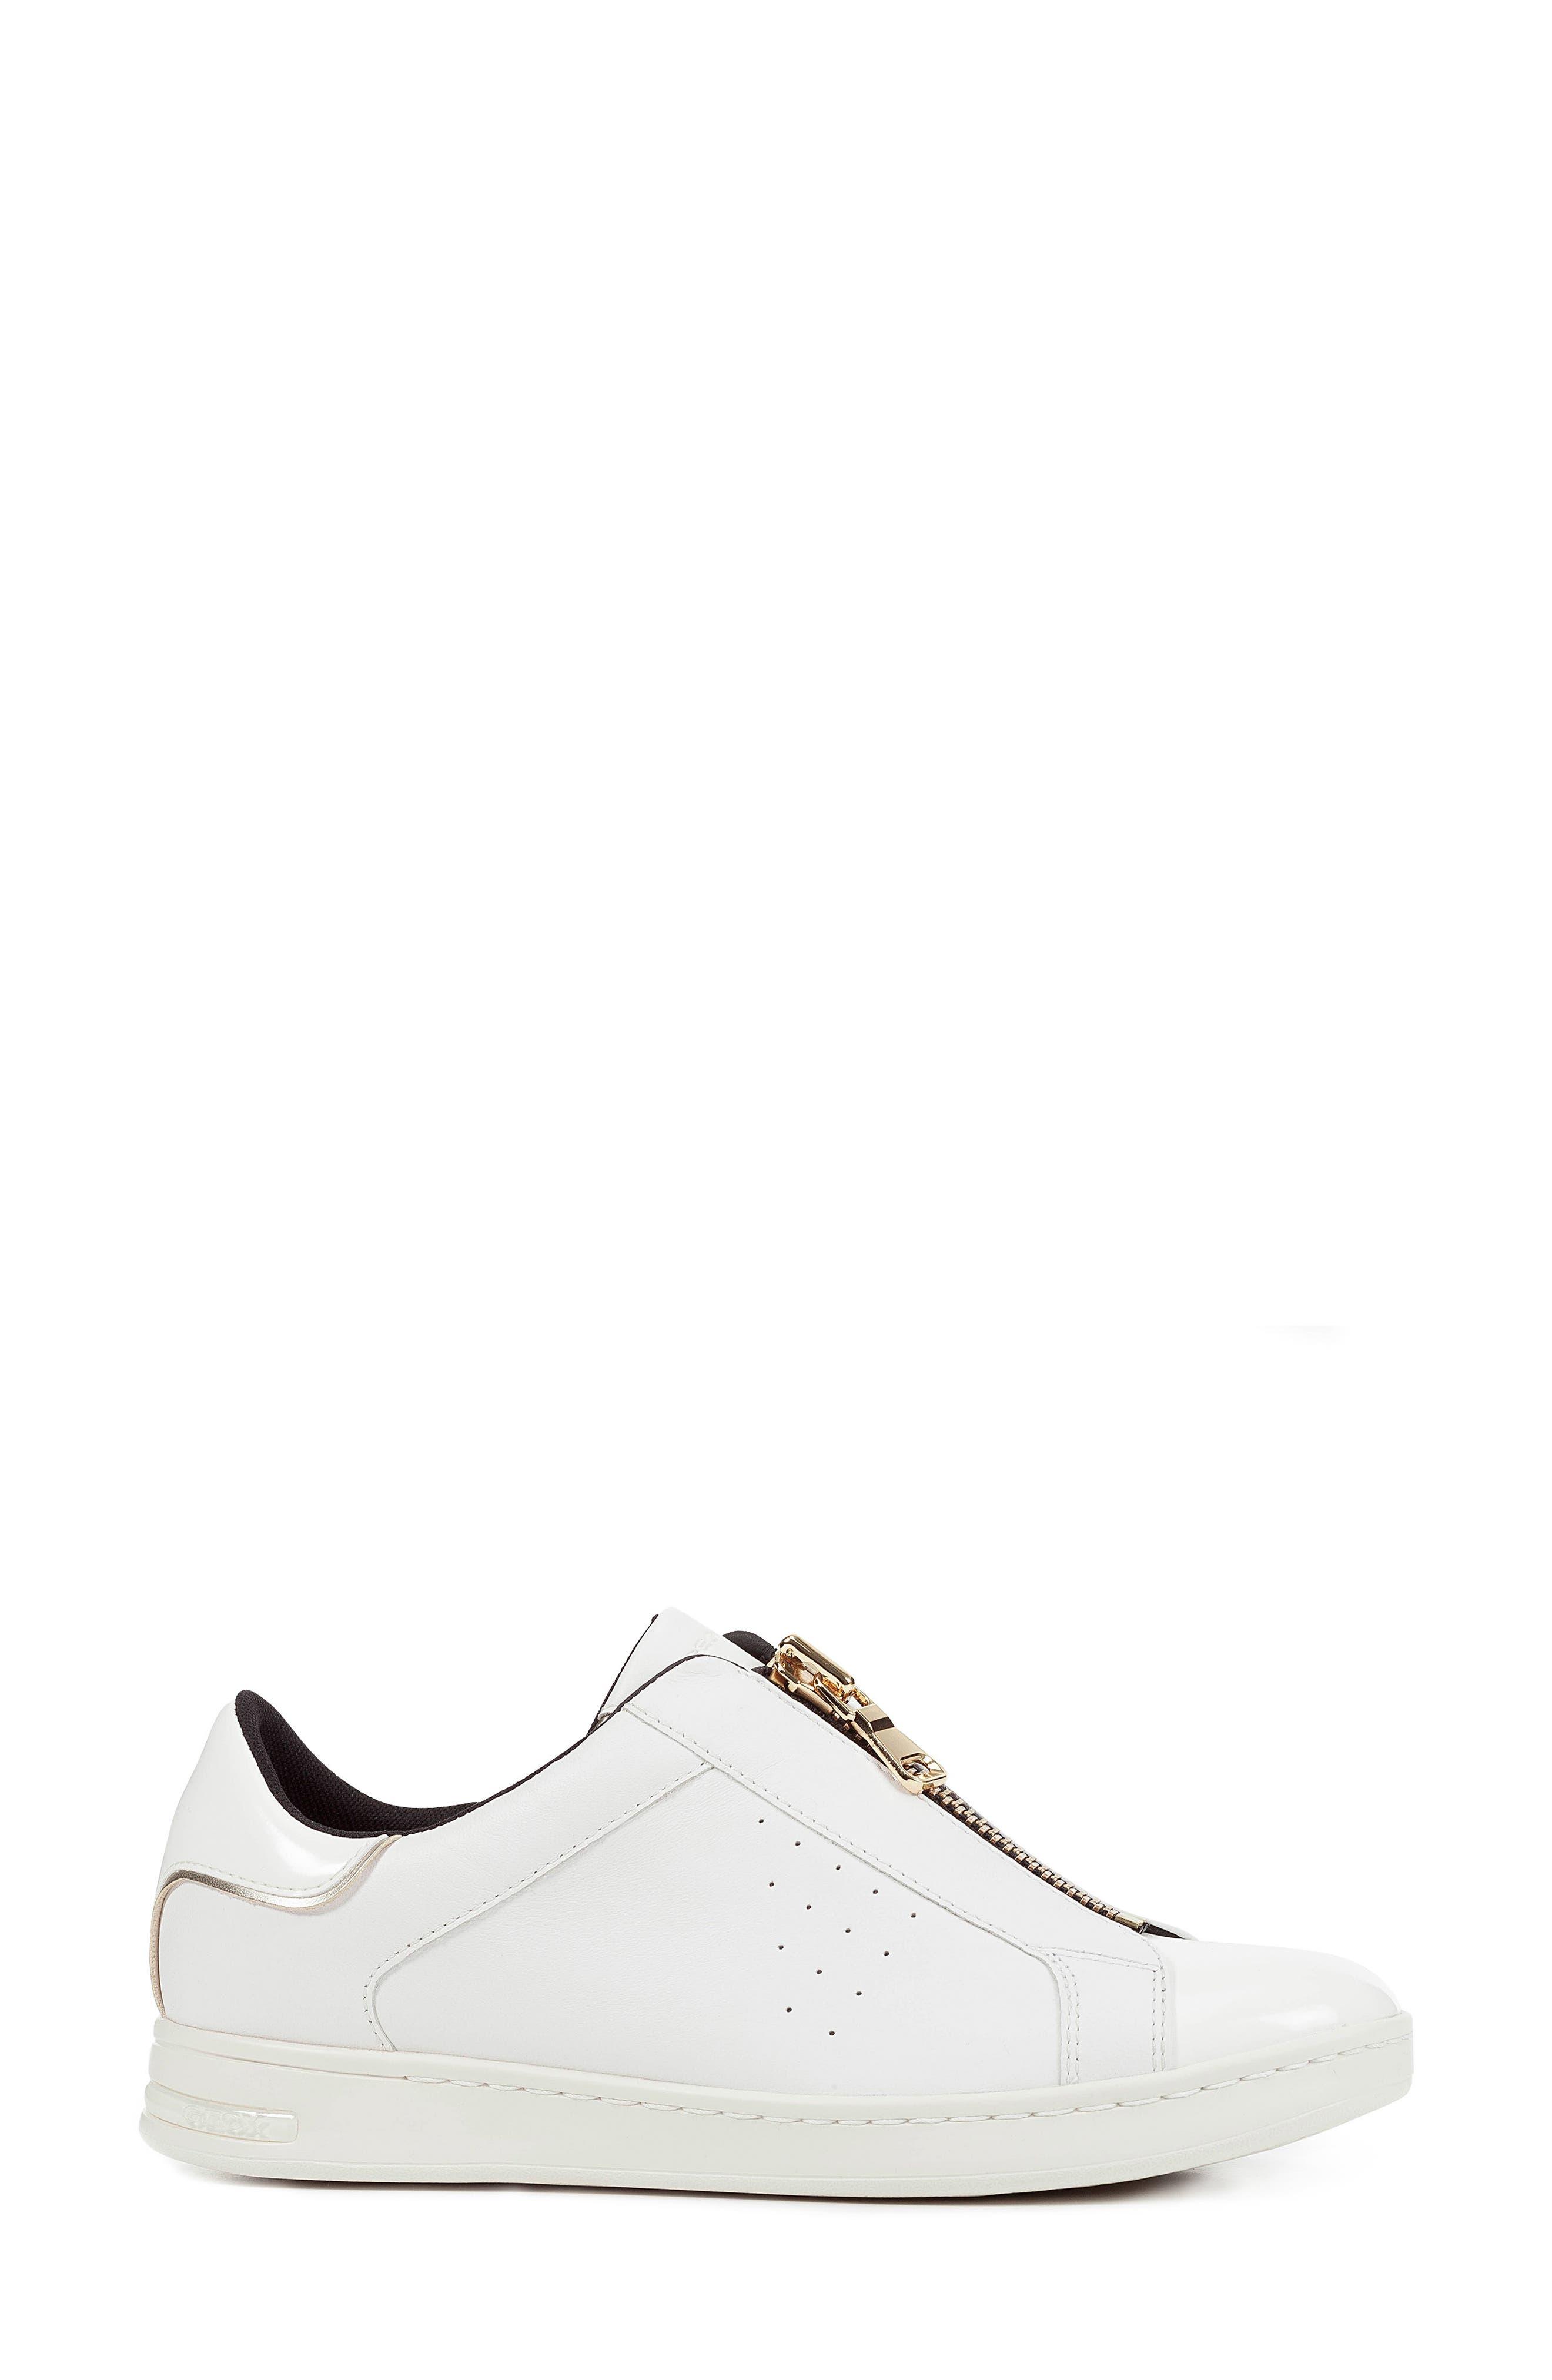 Jaysen Sneaker,                             Alternate thumbnail 3, color,                             WHITE LEATHER